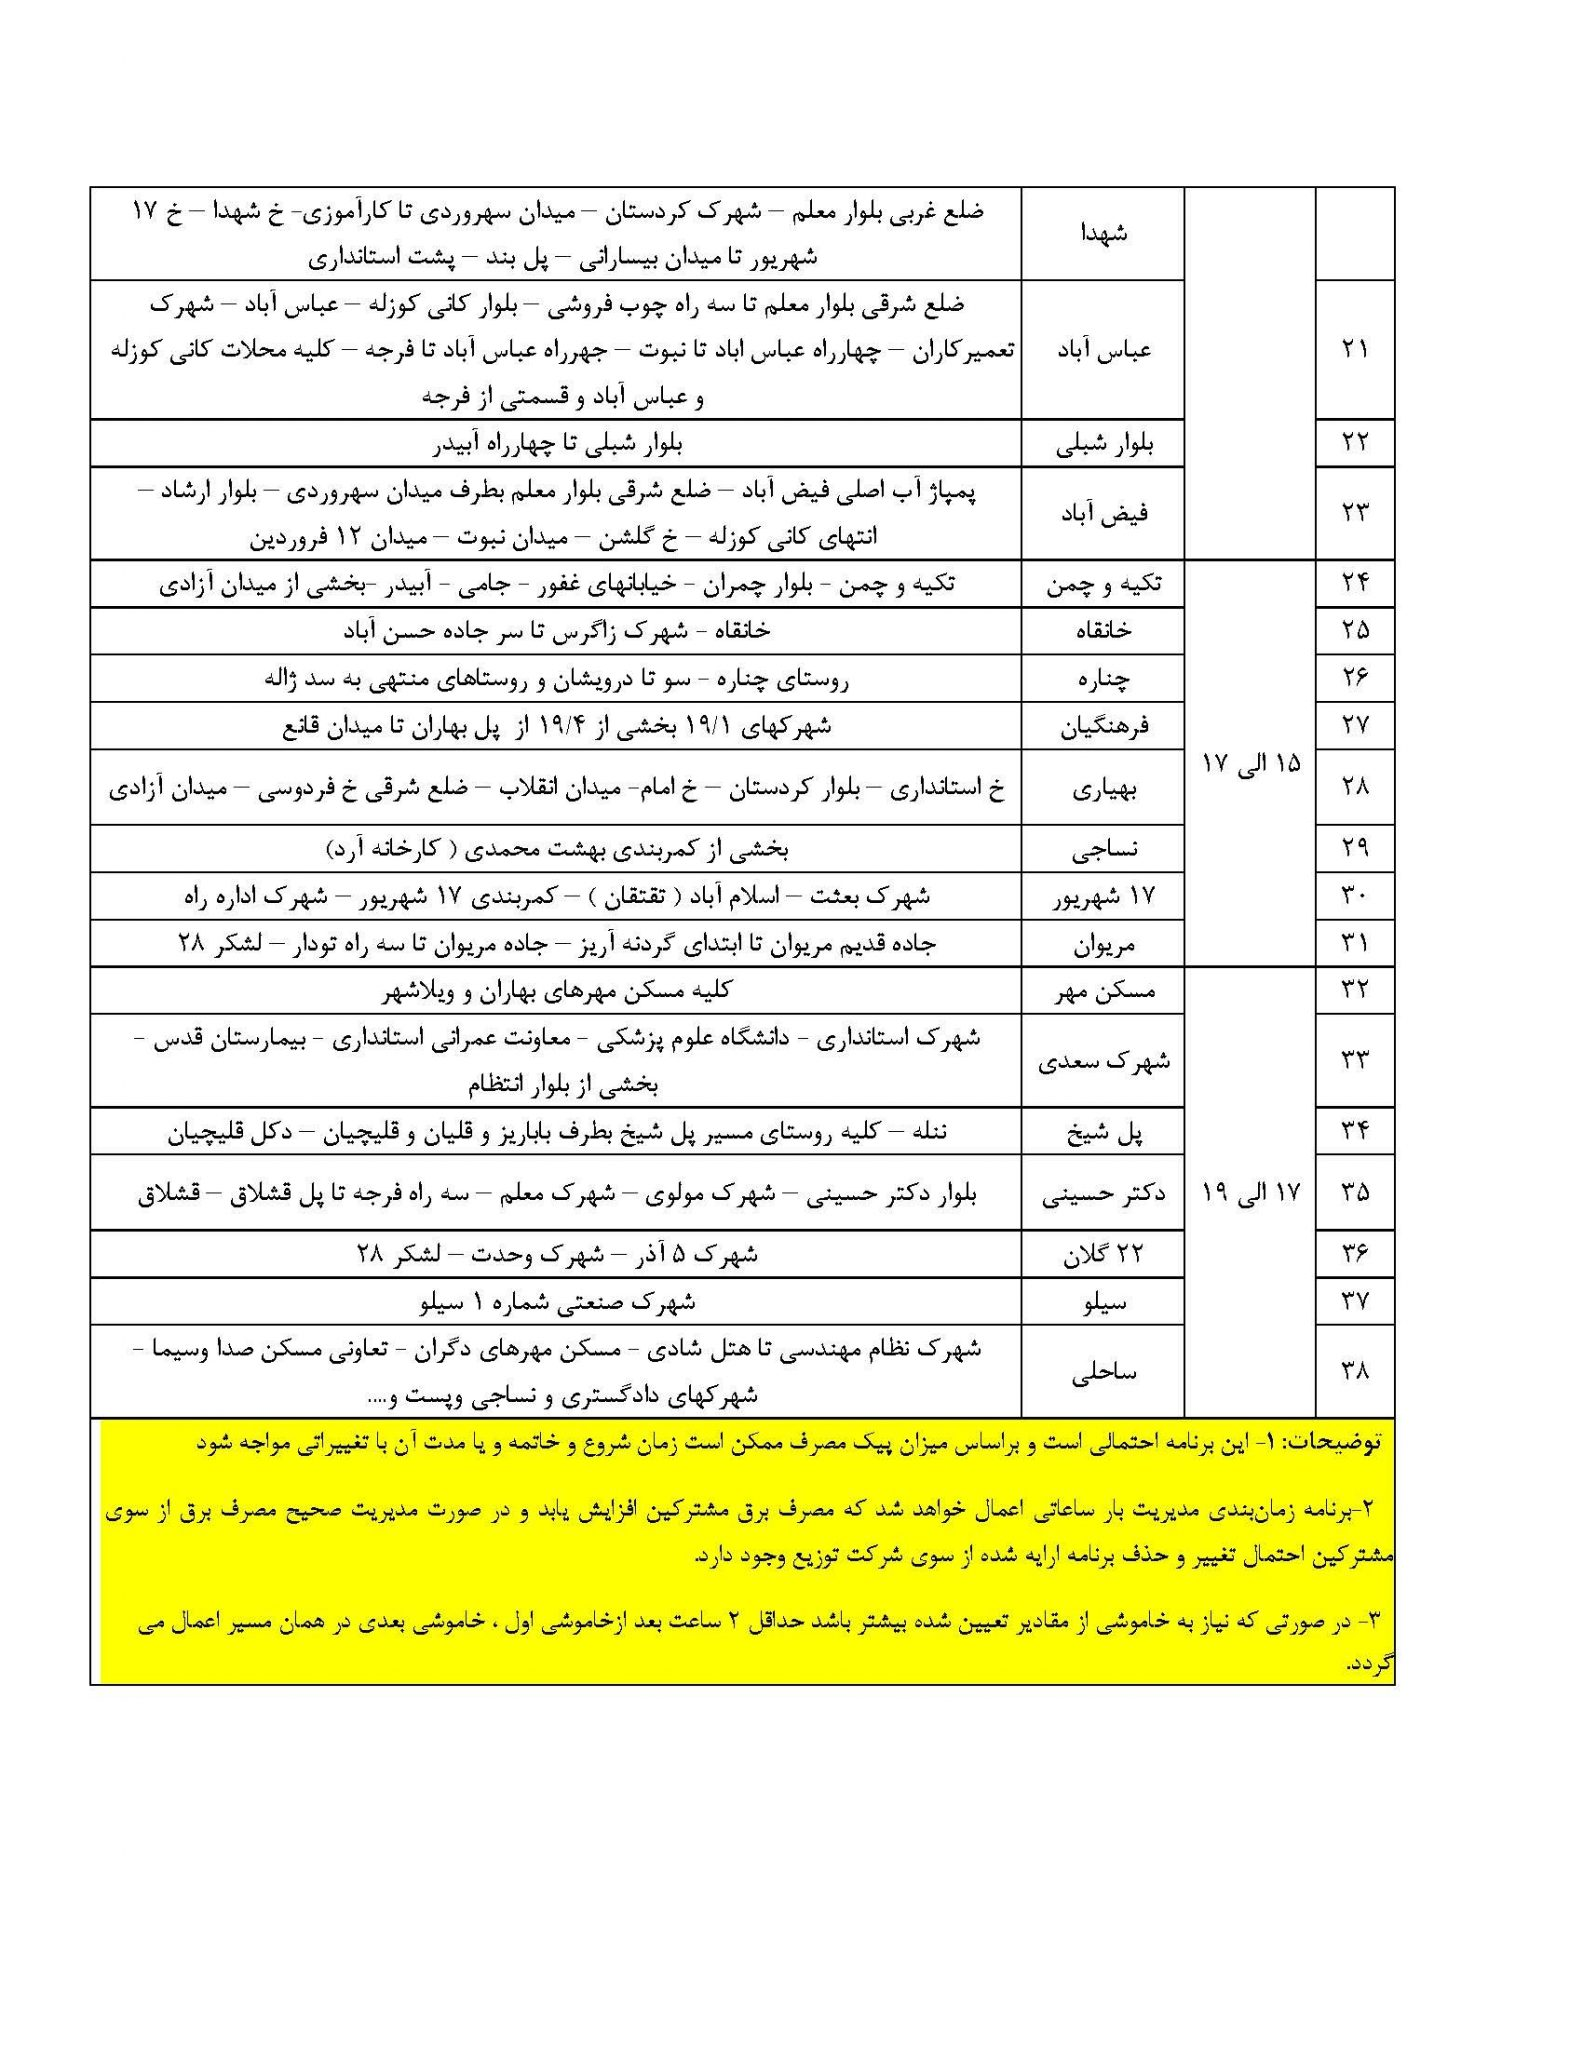 برنامه قطعی برق سنندج دوشنبه 1 مرداد 97,جدول قطعی برق سنندج دوشنبه 1 مرداد 97,قطعی برق سنندج 1/5/97